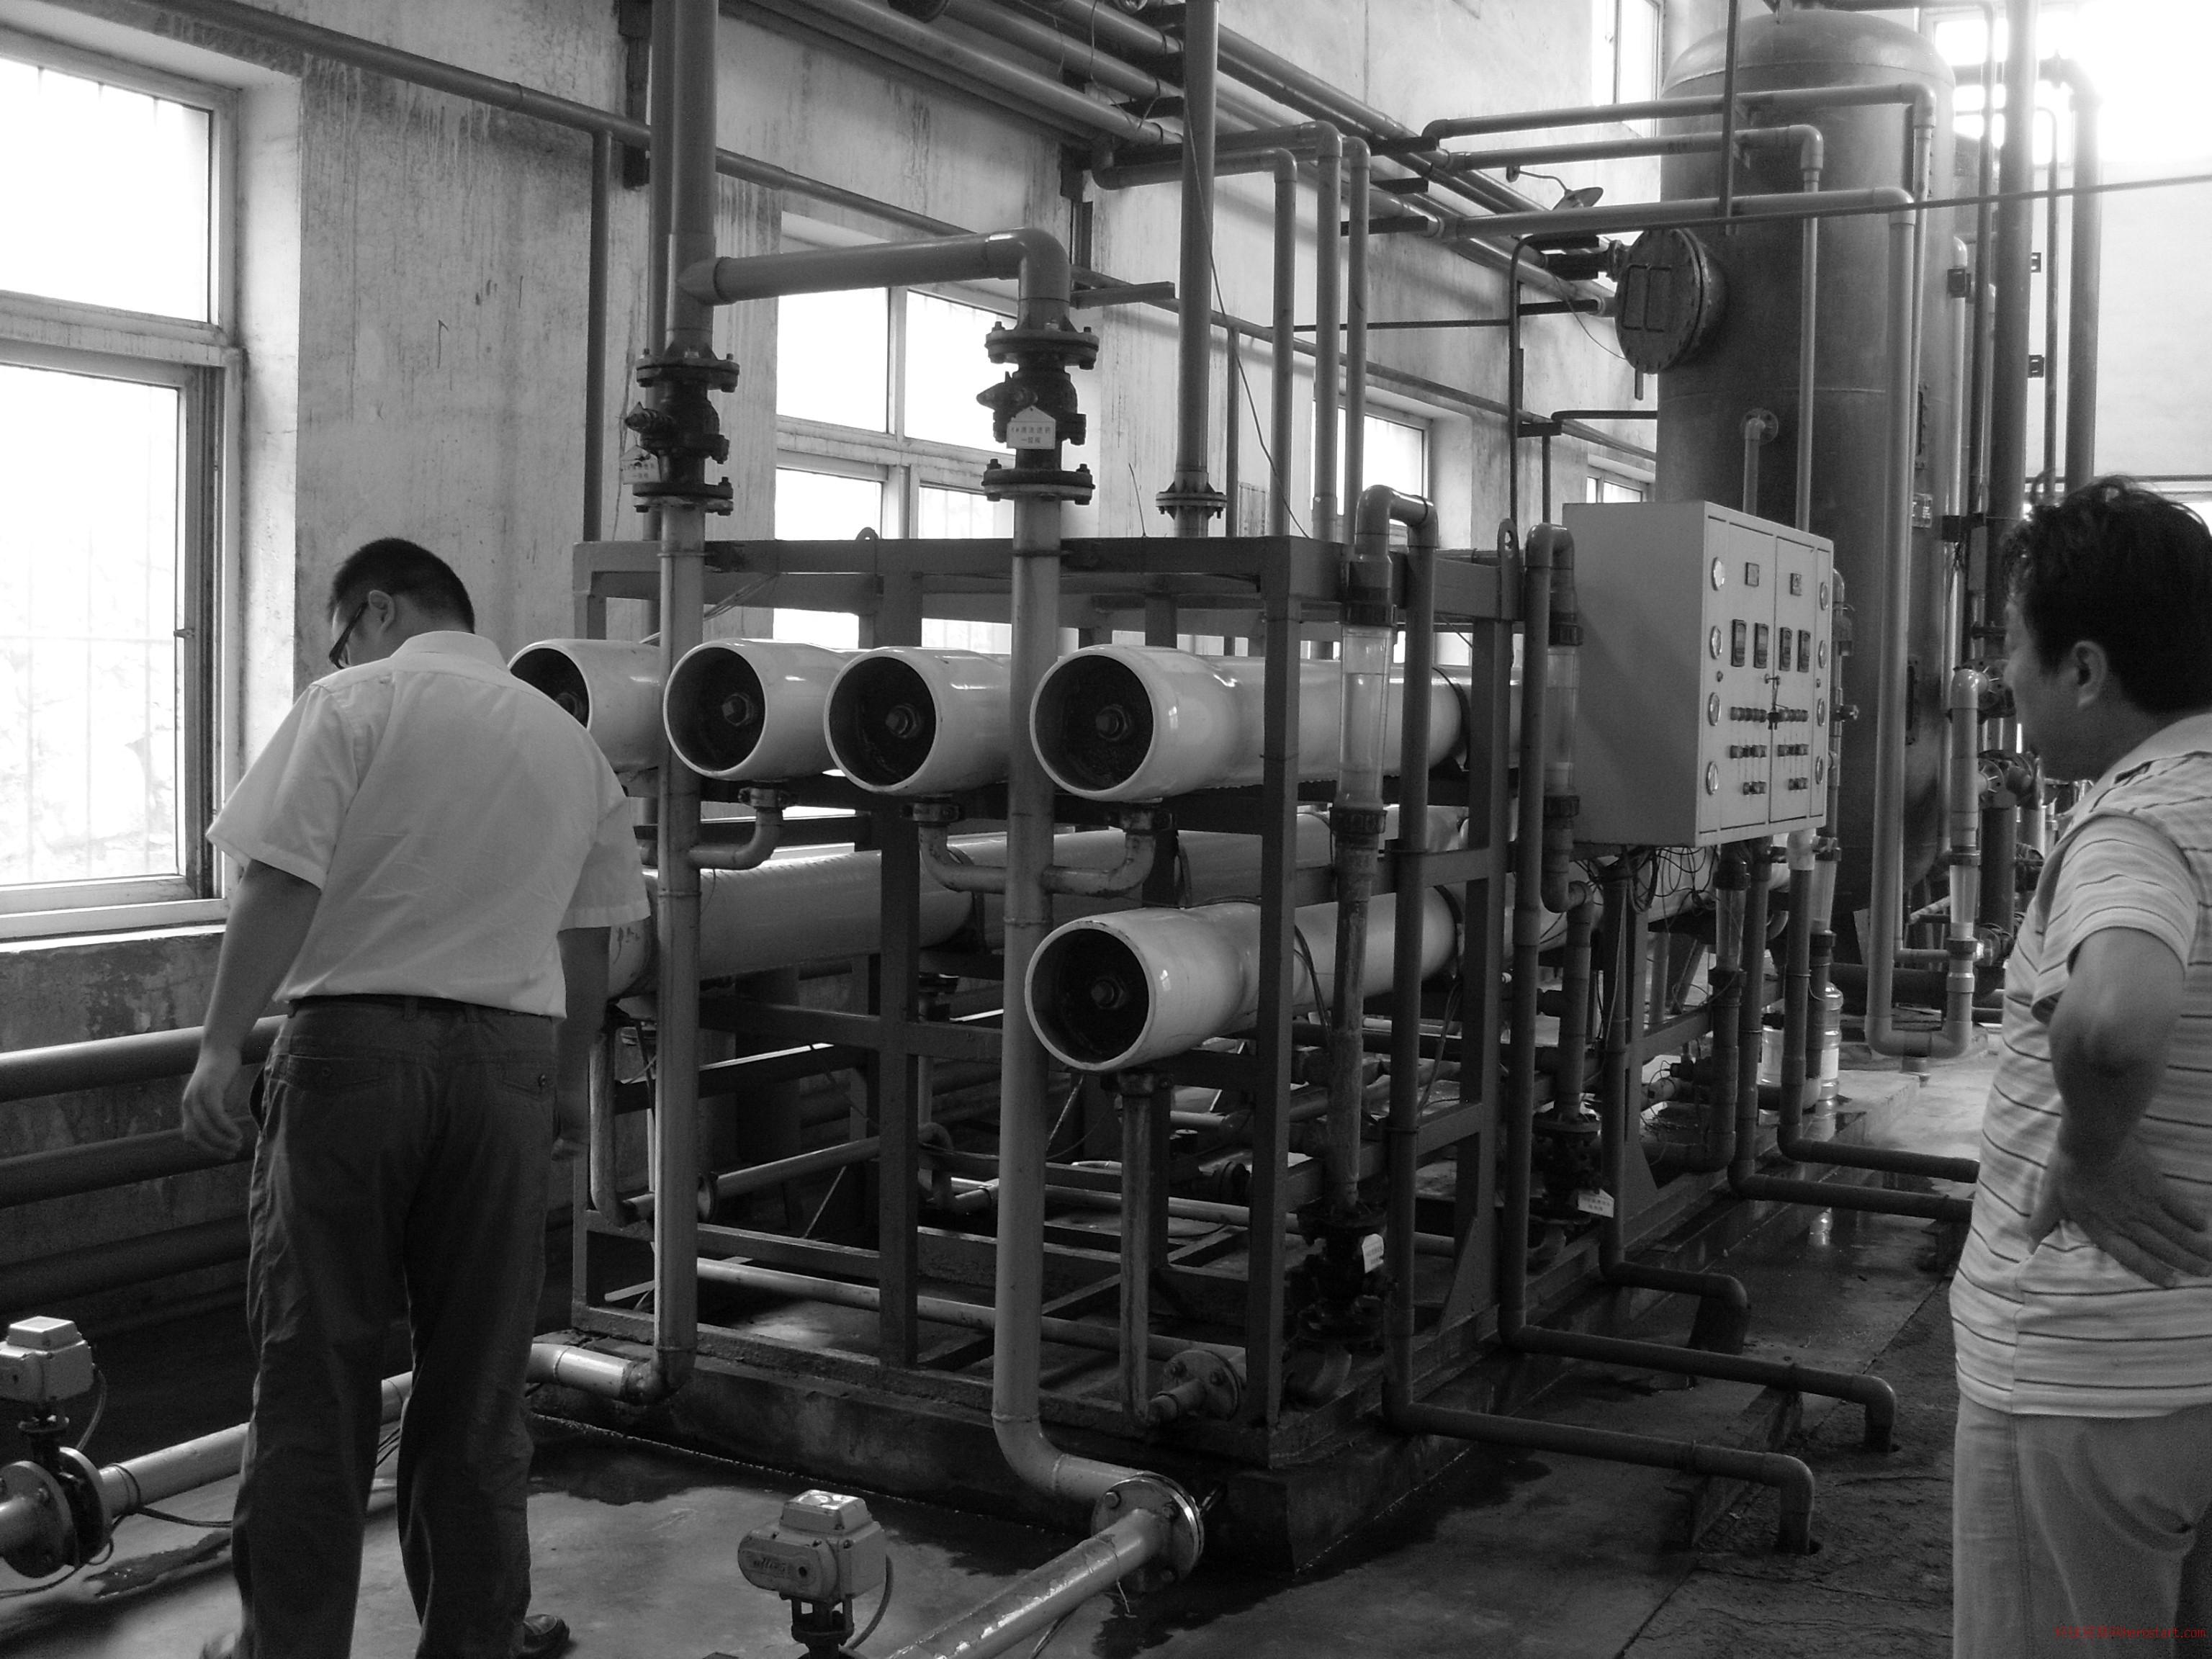 邯郸市峰峰通洁工业设备清洗有限公司 工业水处理技术服务